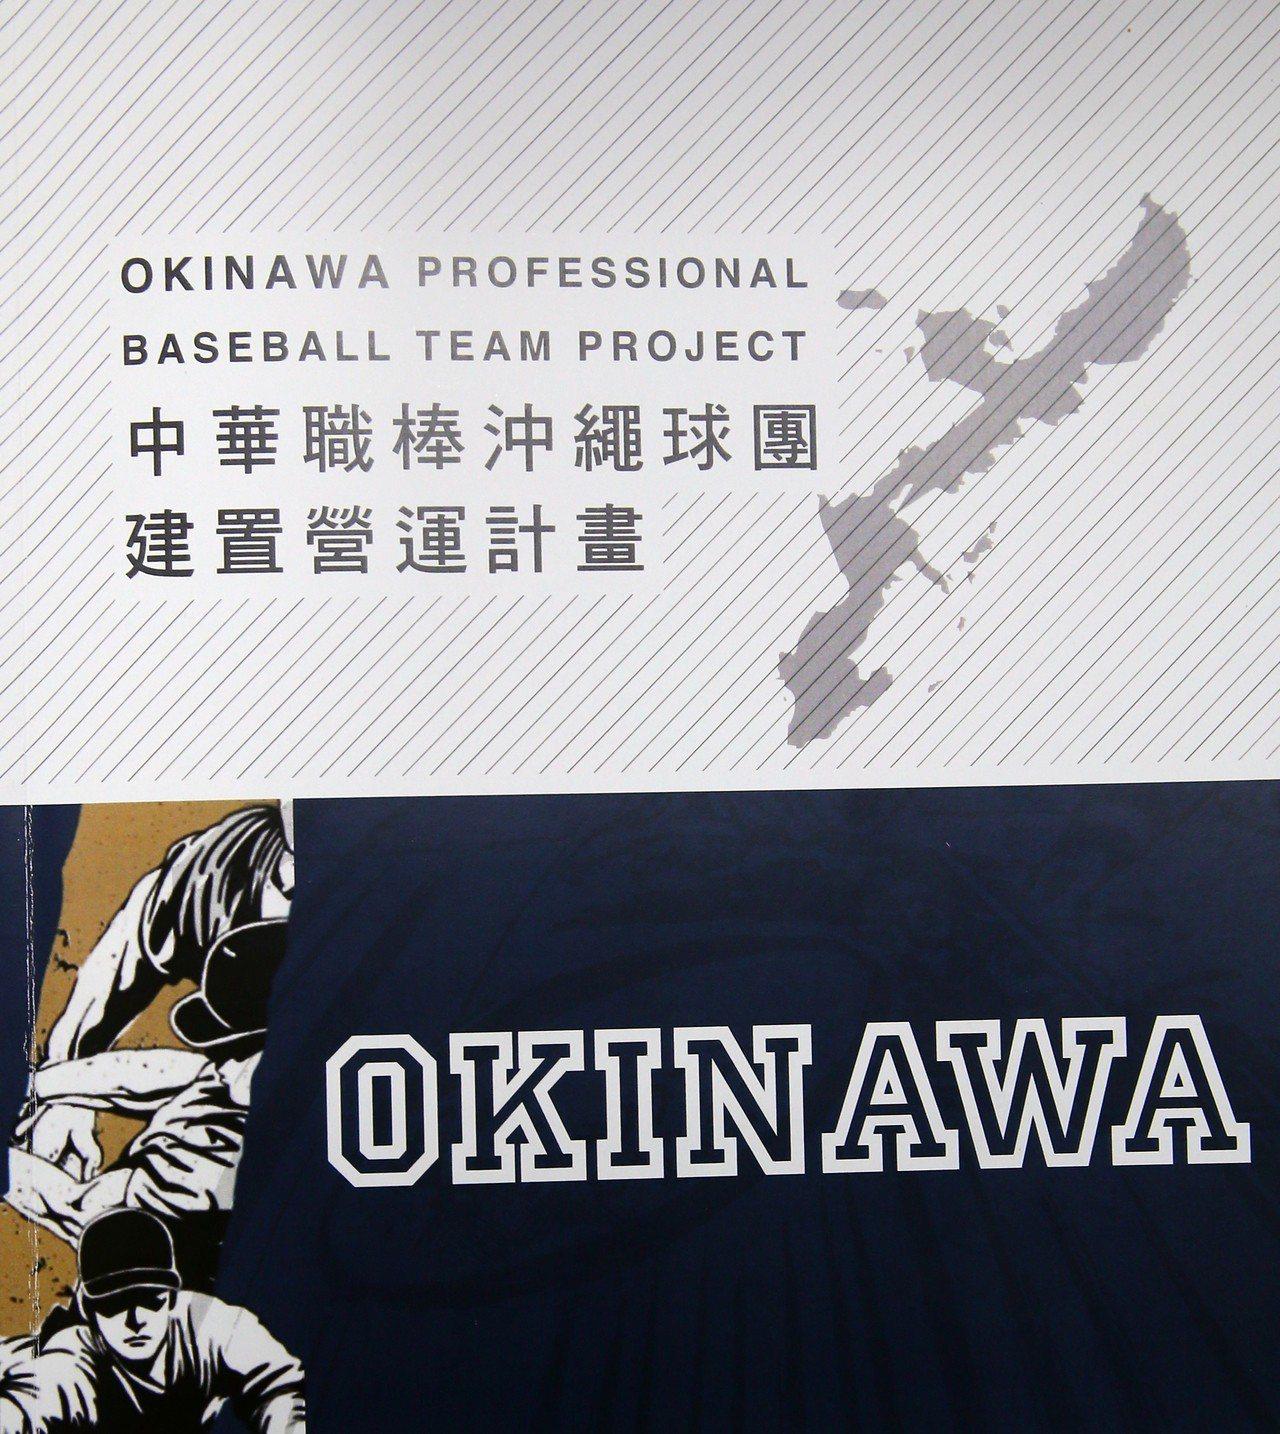 沖繩球團籌備處計畫書。記者陳柏亨/翻攝